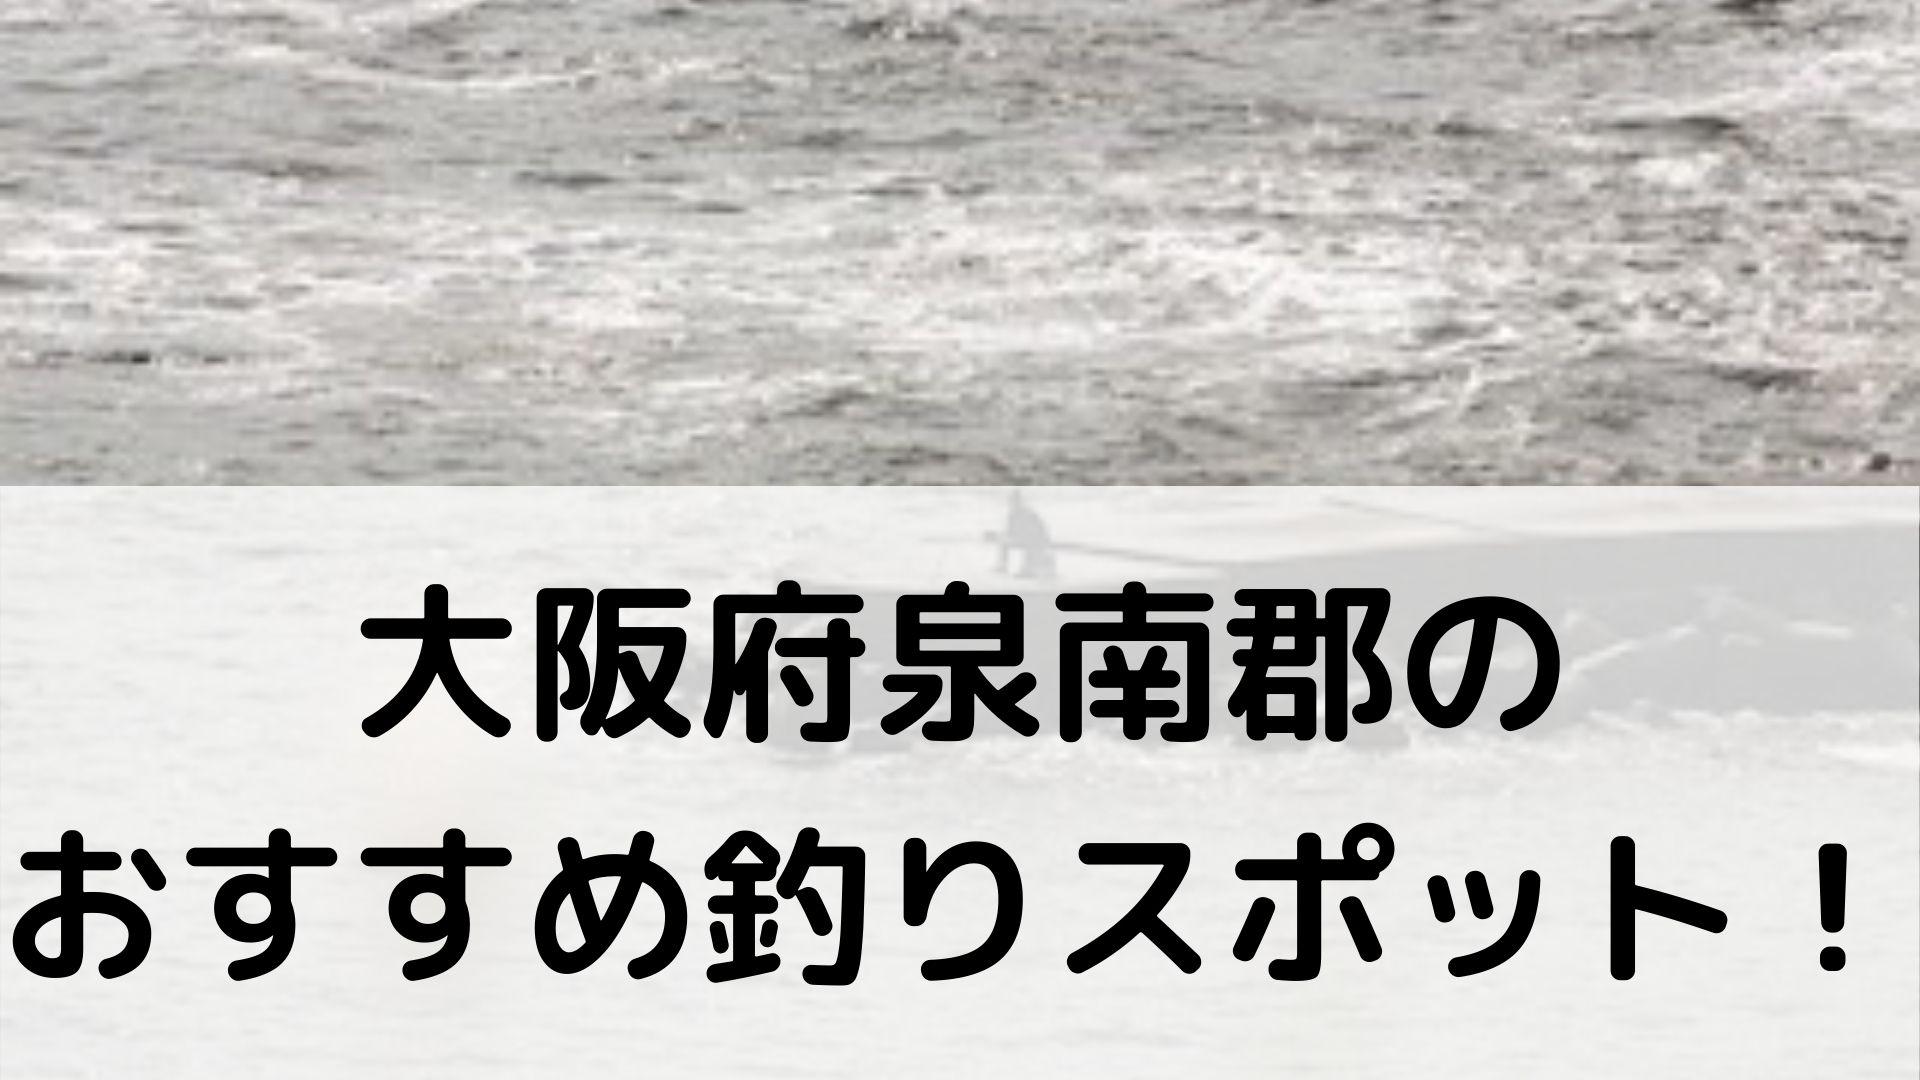 大阪府泉南群のおすすめ釣りスポットに関する参考画像